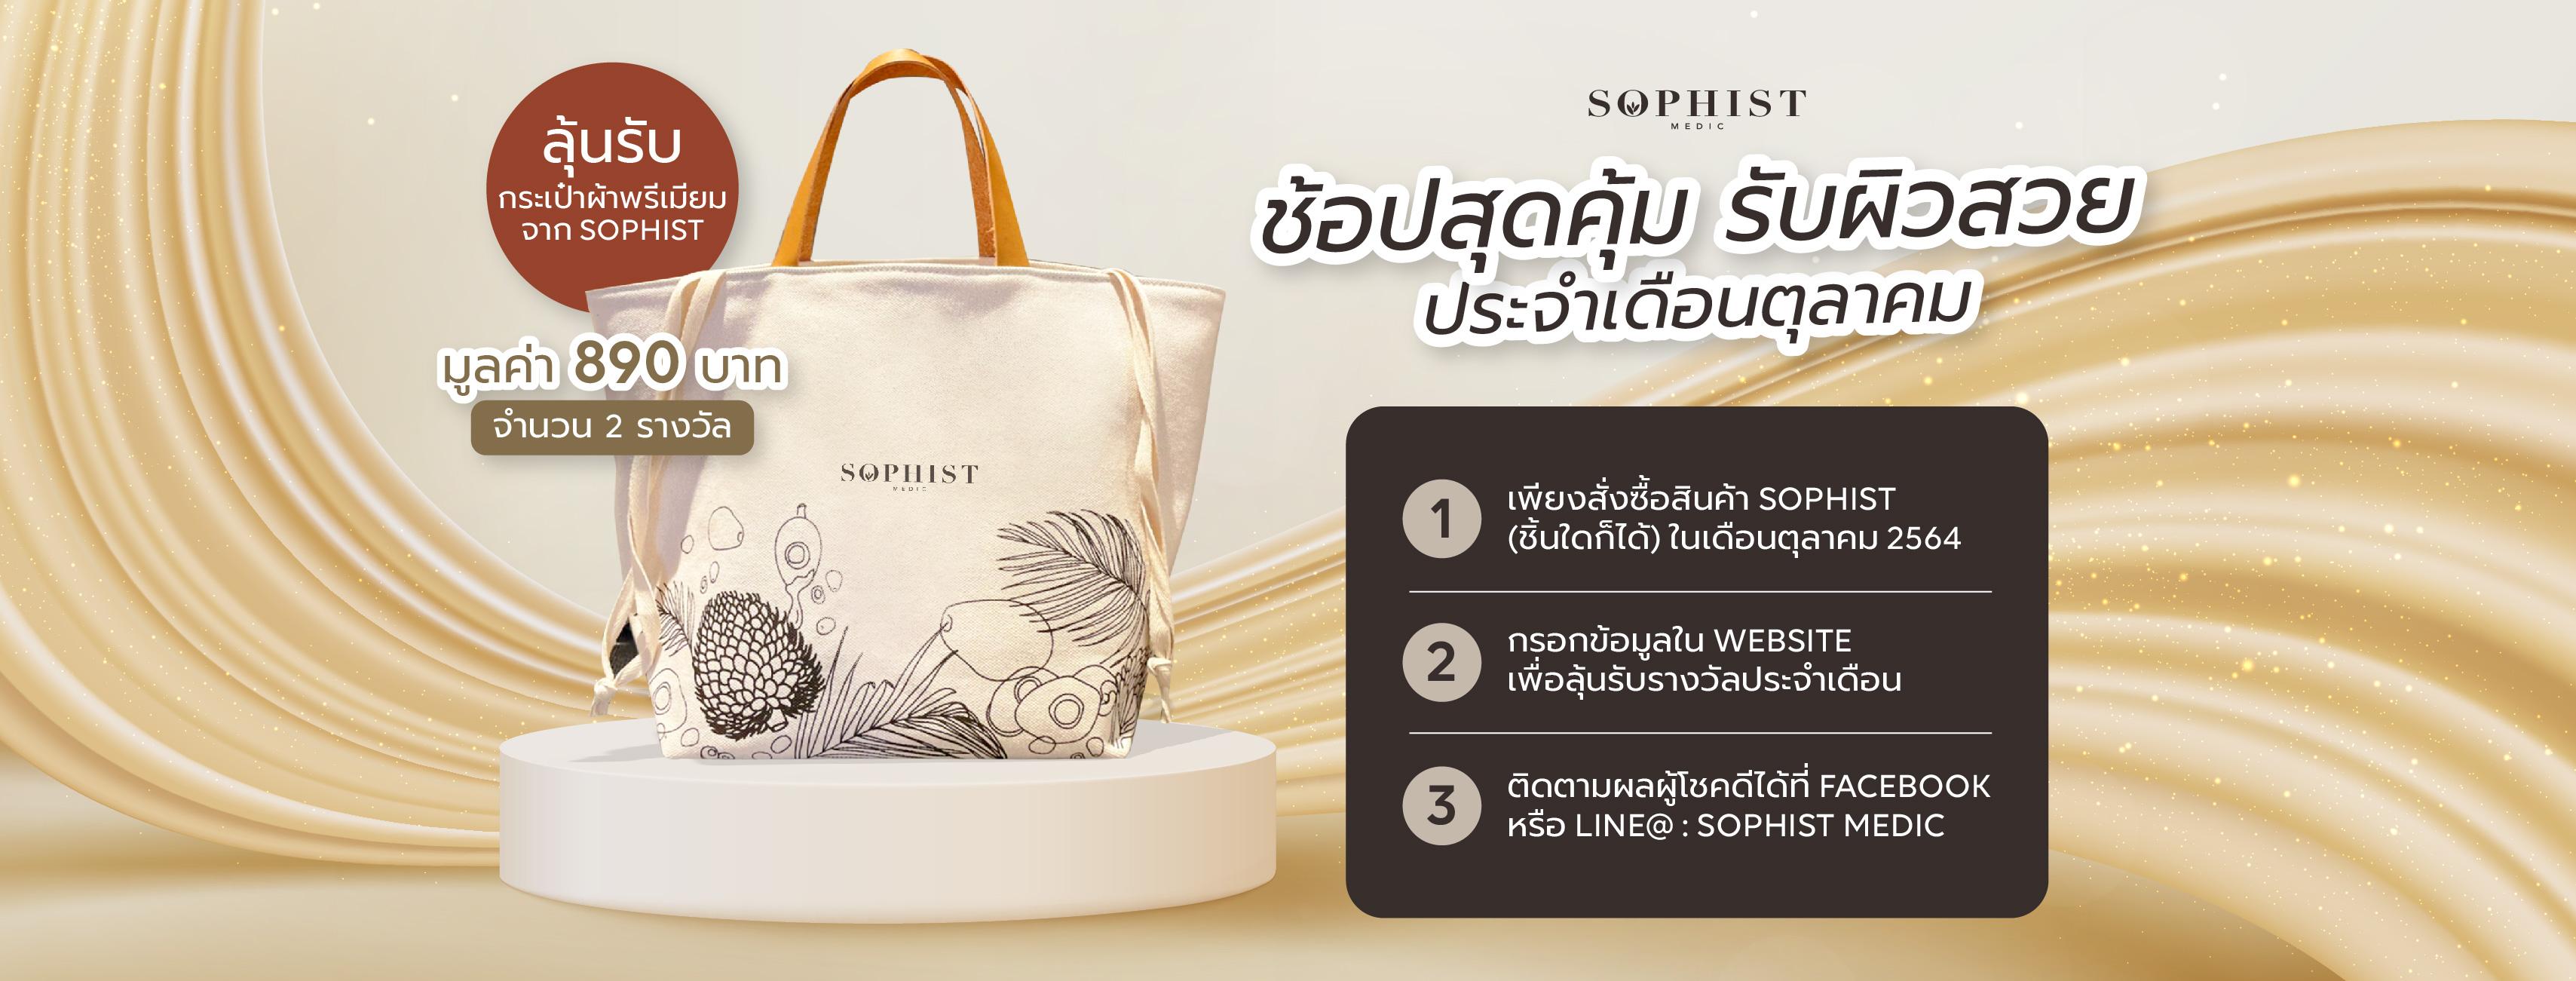 Sophist กิจกรรมแจกของรางวัลประจำเดือนตุลาคม 2564